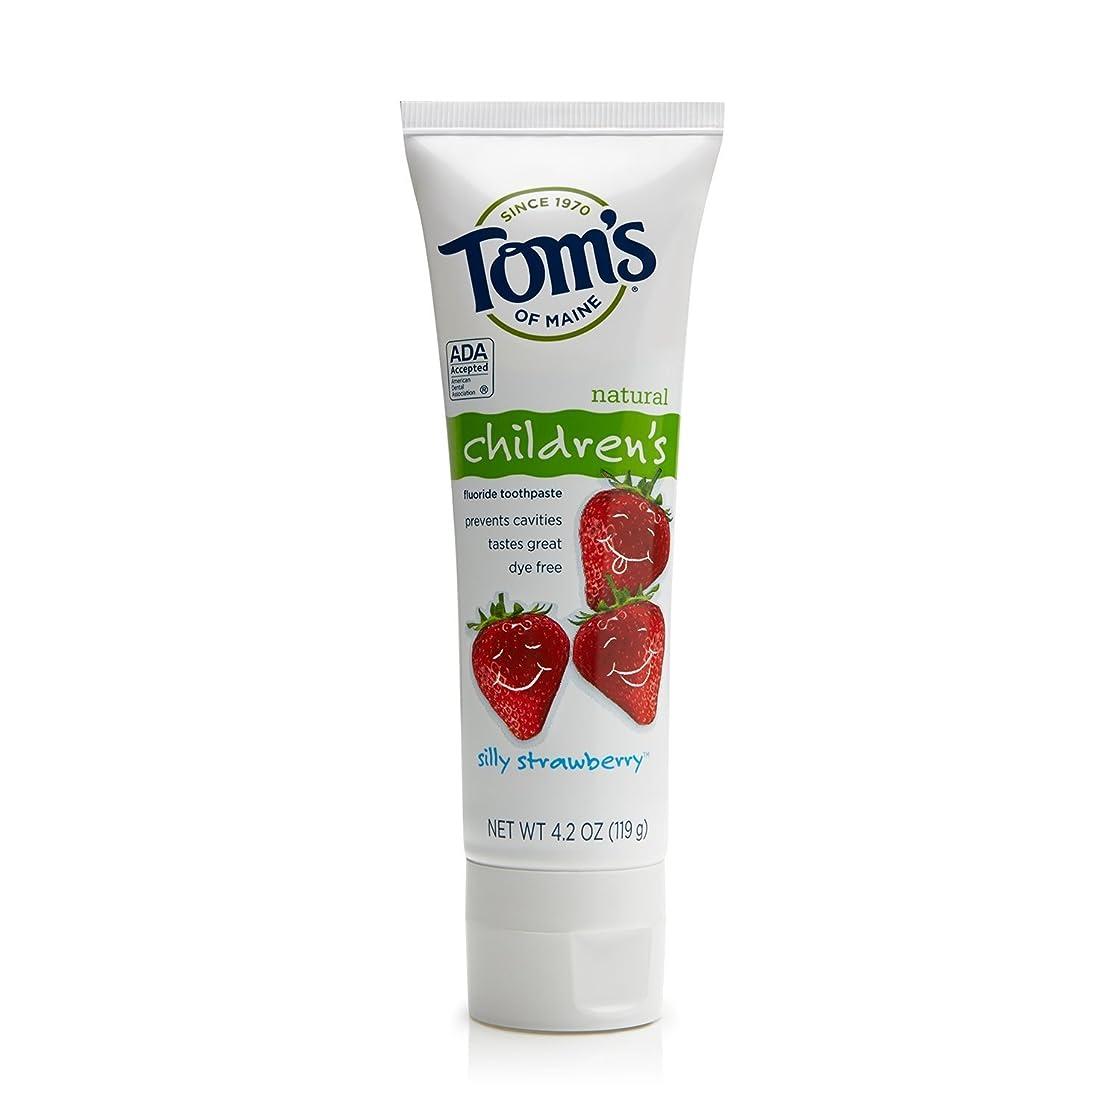 請求可能ギネス虚偽Tom's of Maine 4.2 oz. Silly Strawberry Natural Children's Anticavity Toothpaste by Tom's of Maine